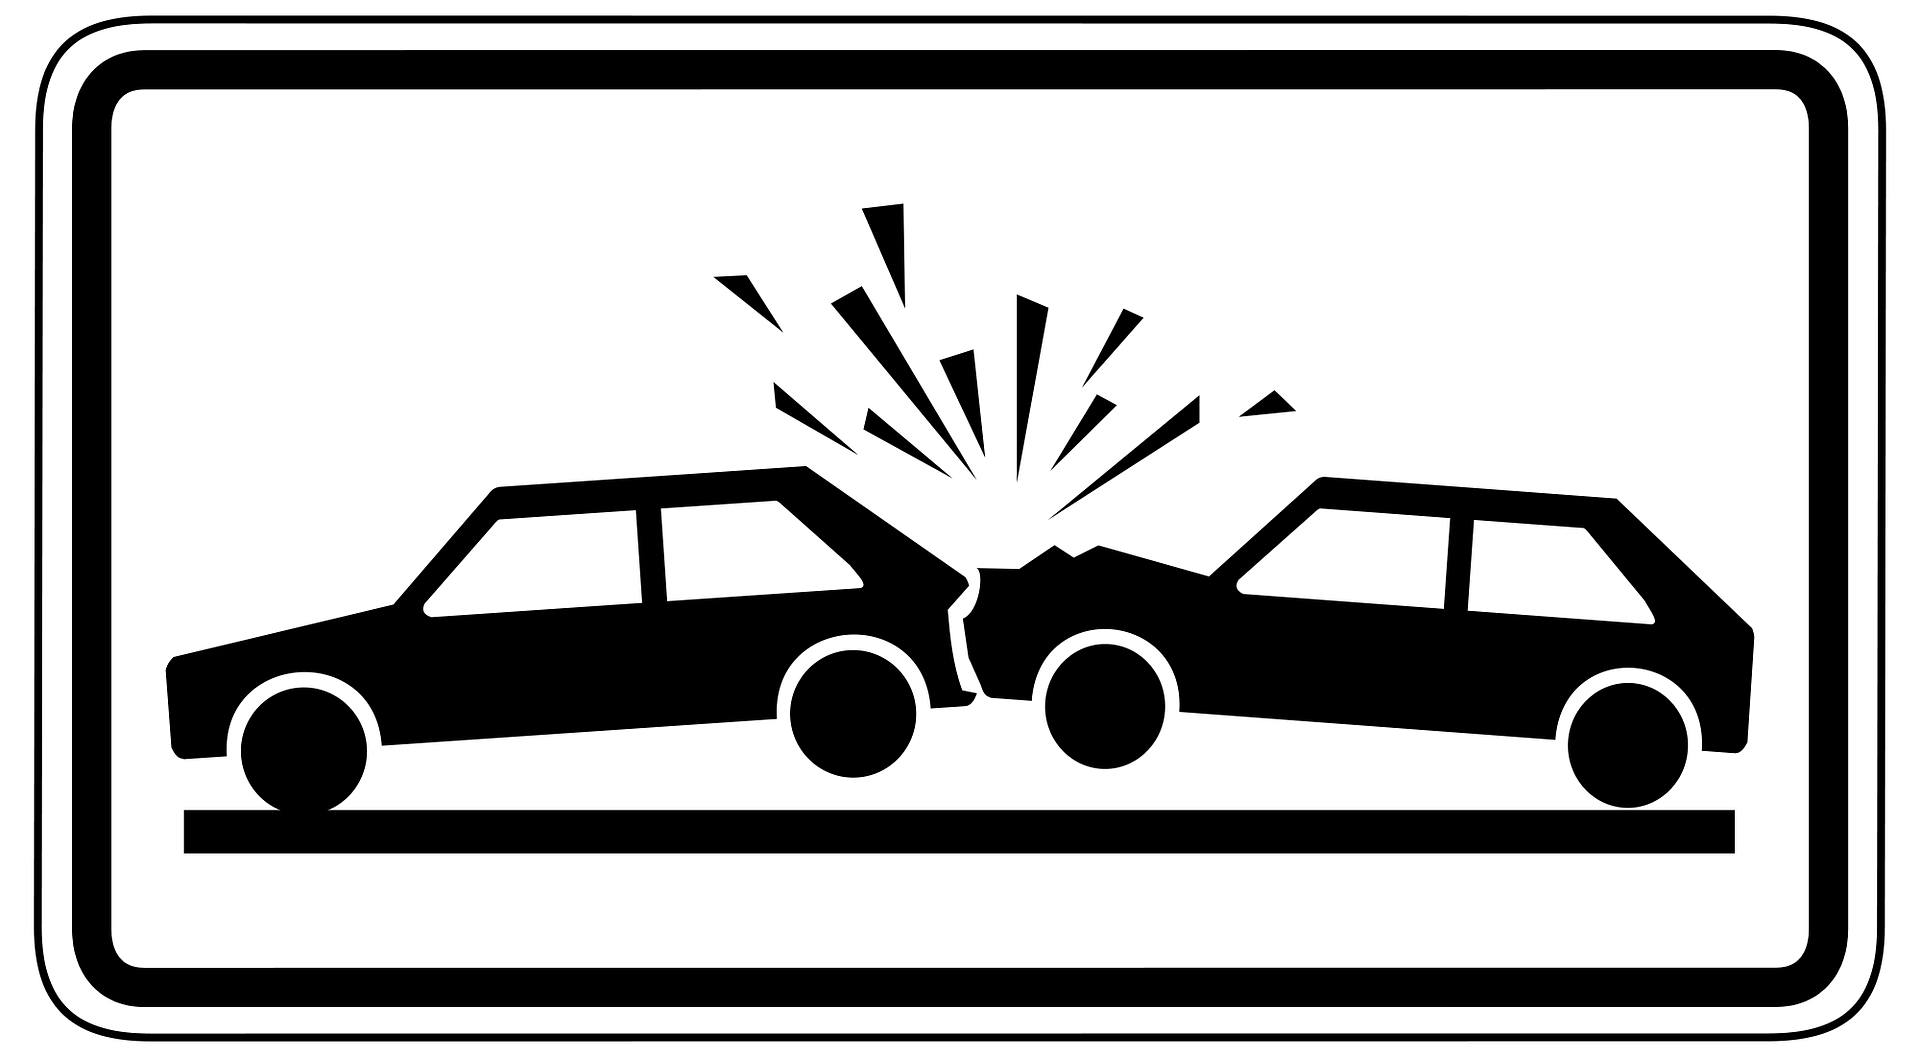 Critical Crash in San Jose